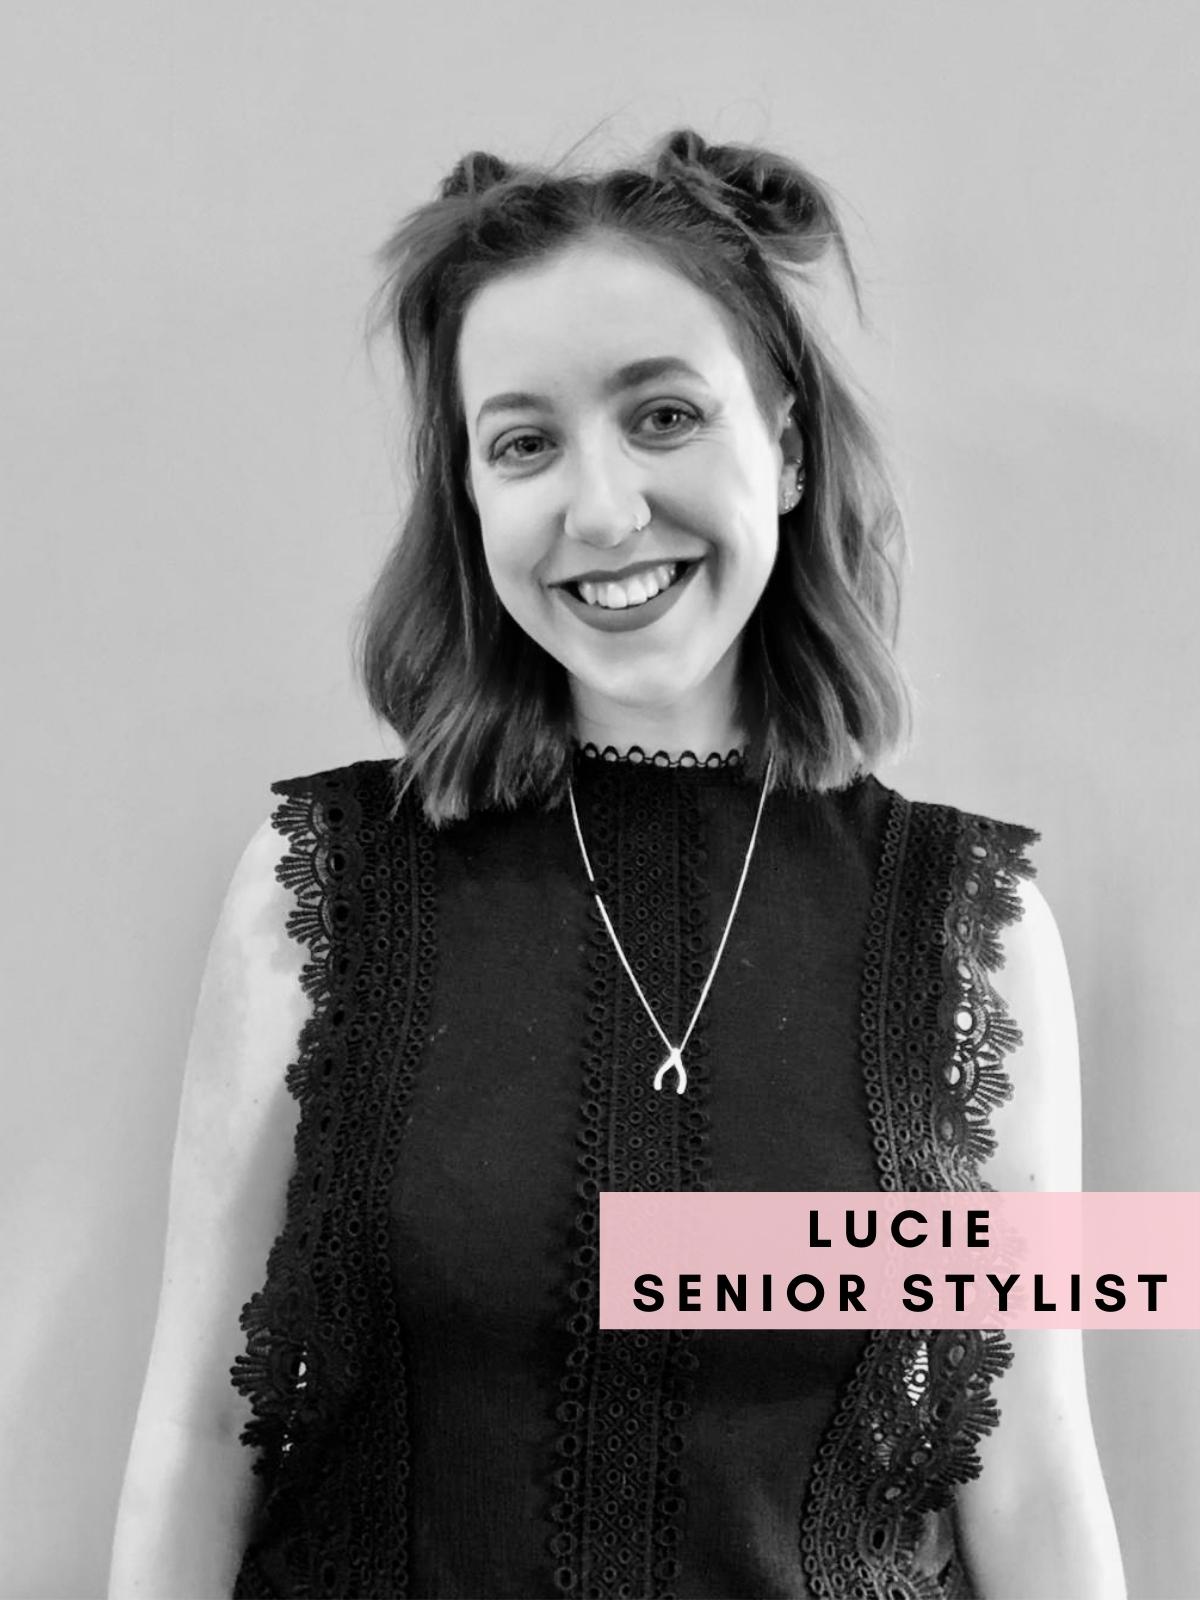 Lucie – Senior Stylist